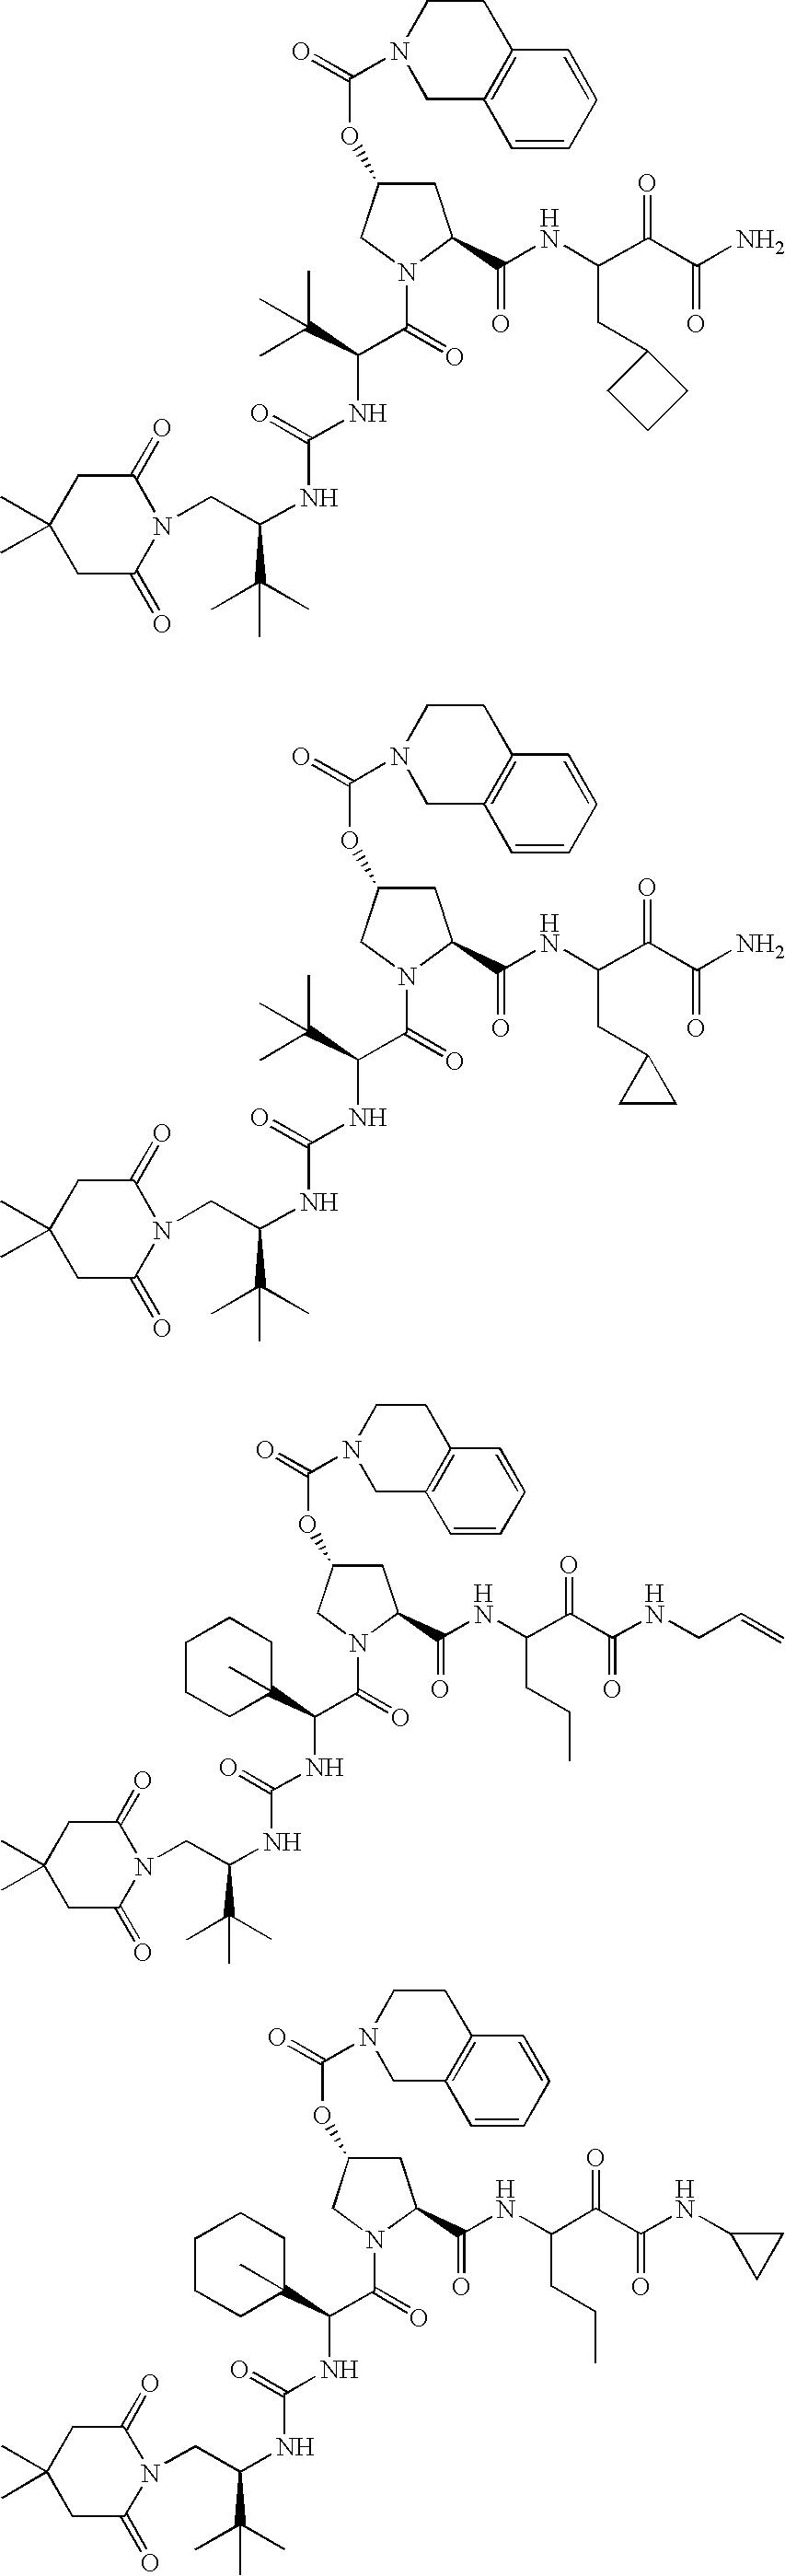 Figure US20060287248A1-20061221-C00563